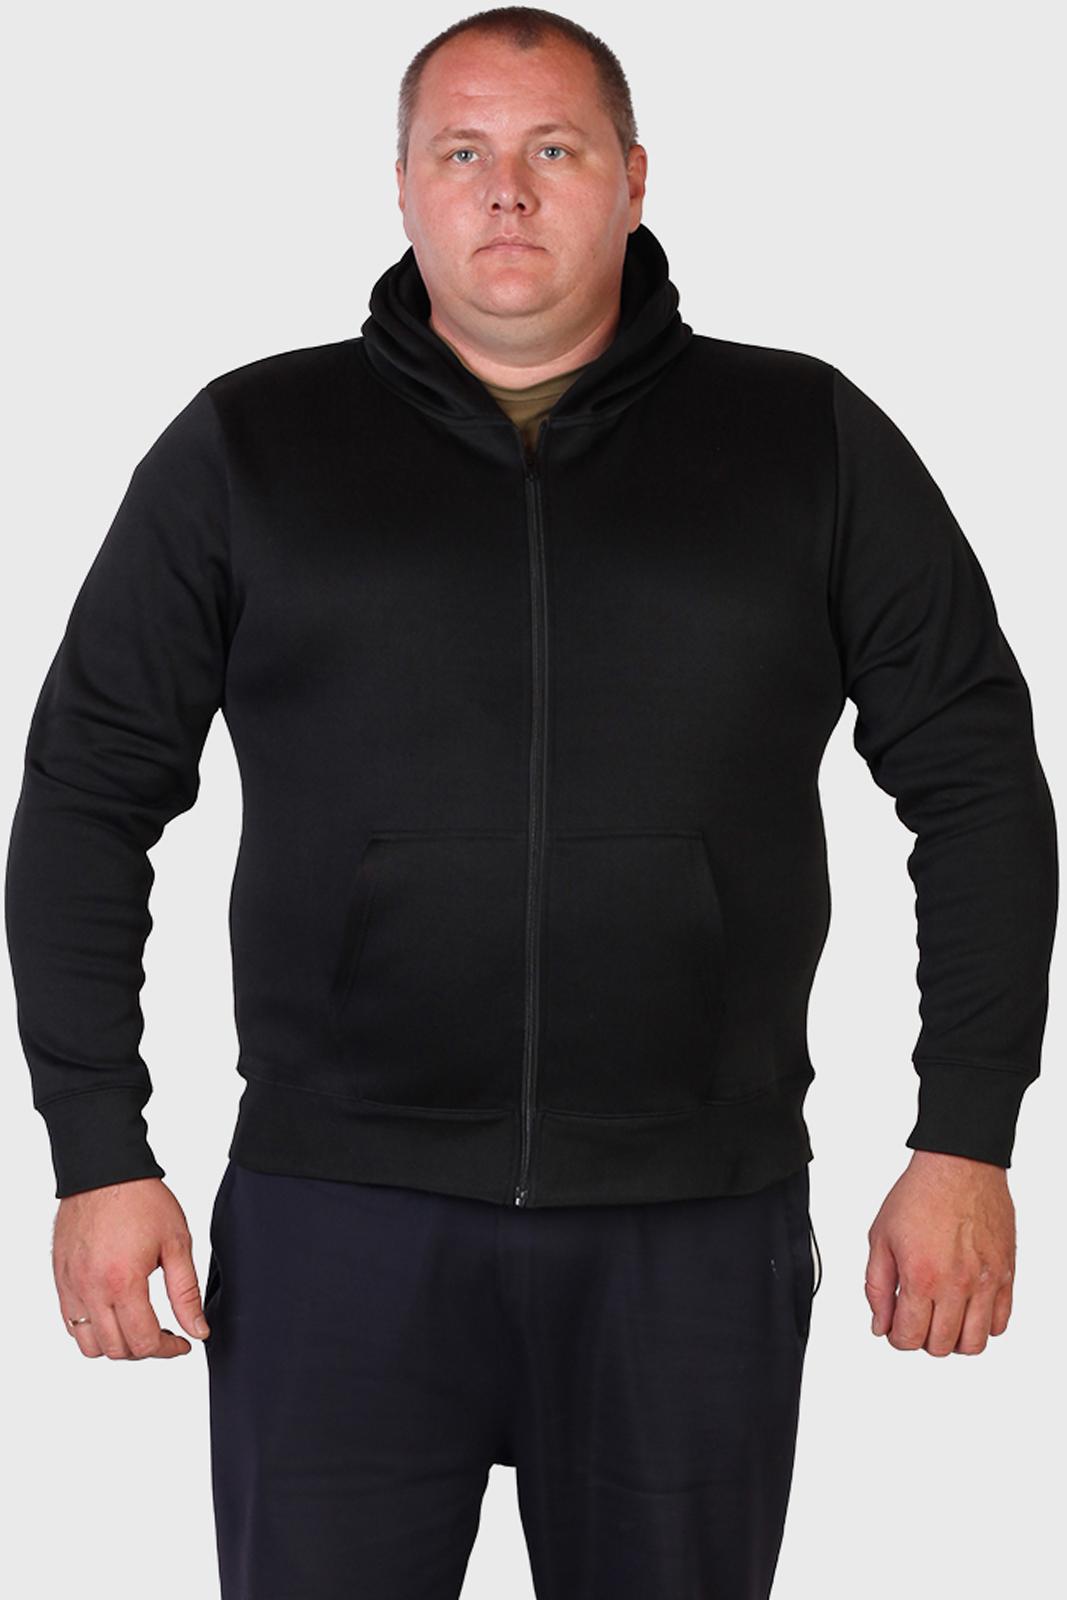 Купить в Москве однотонную мужскую толстовку